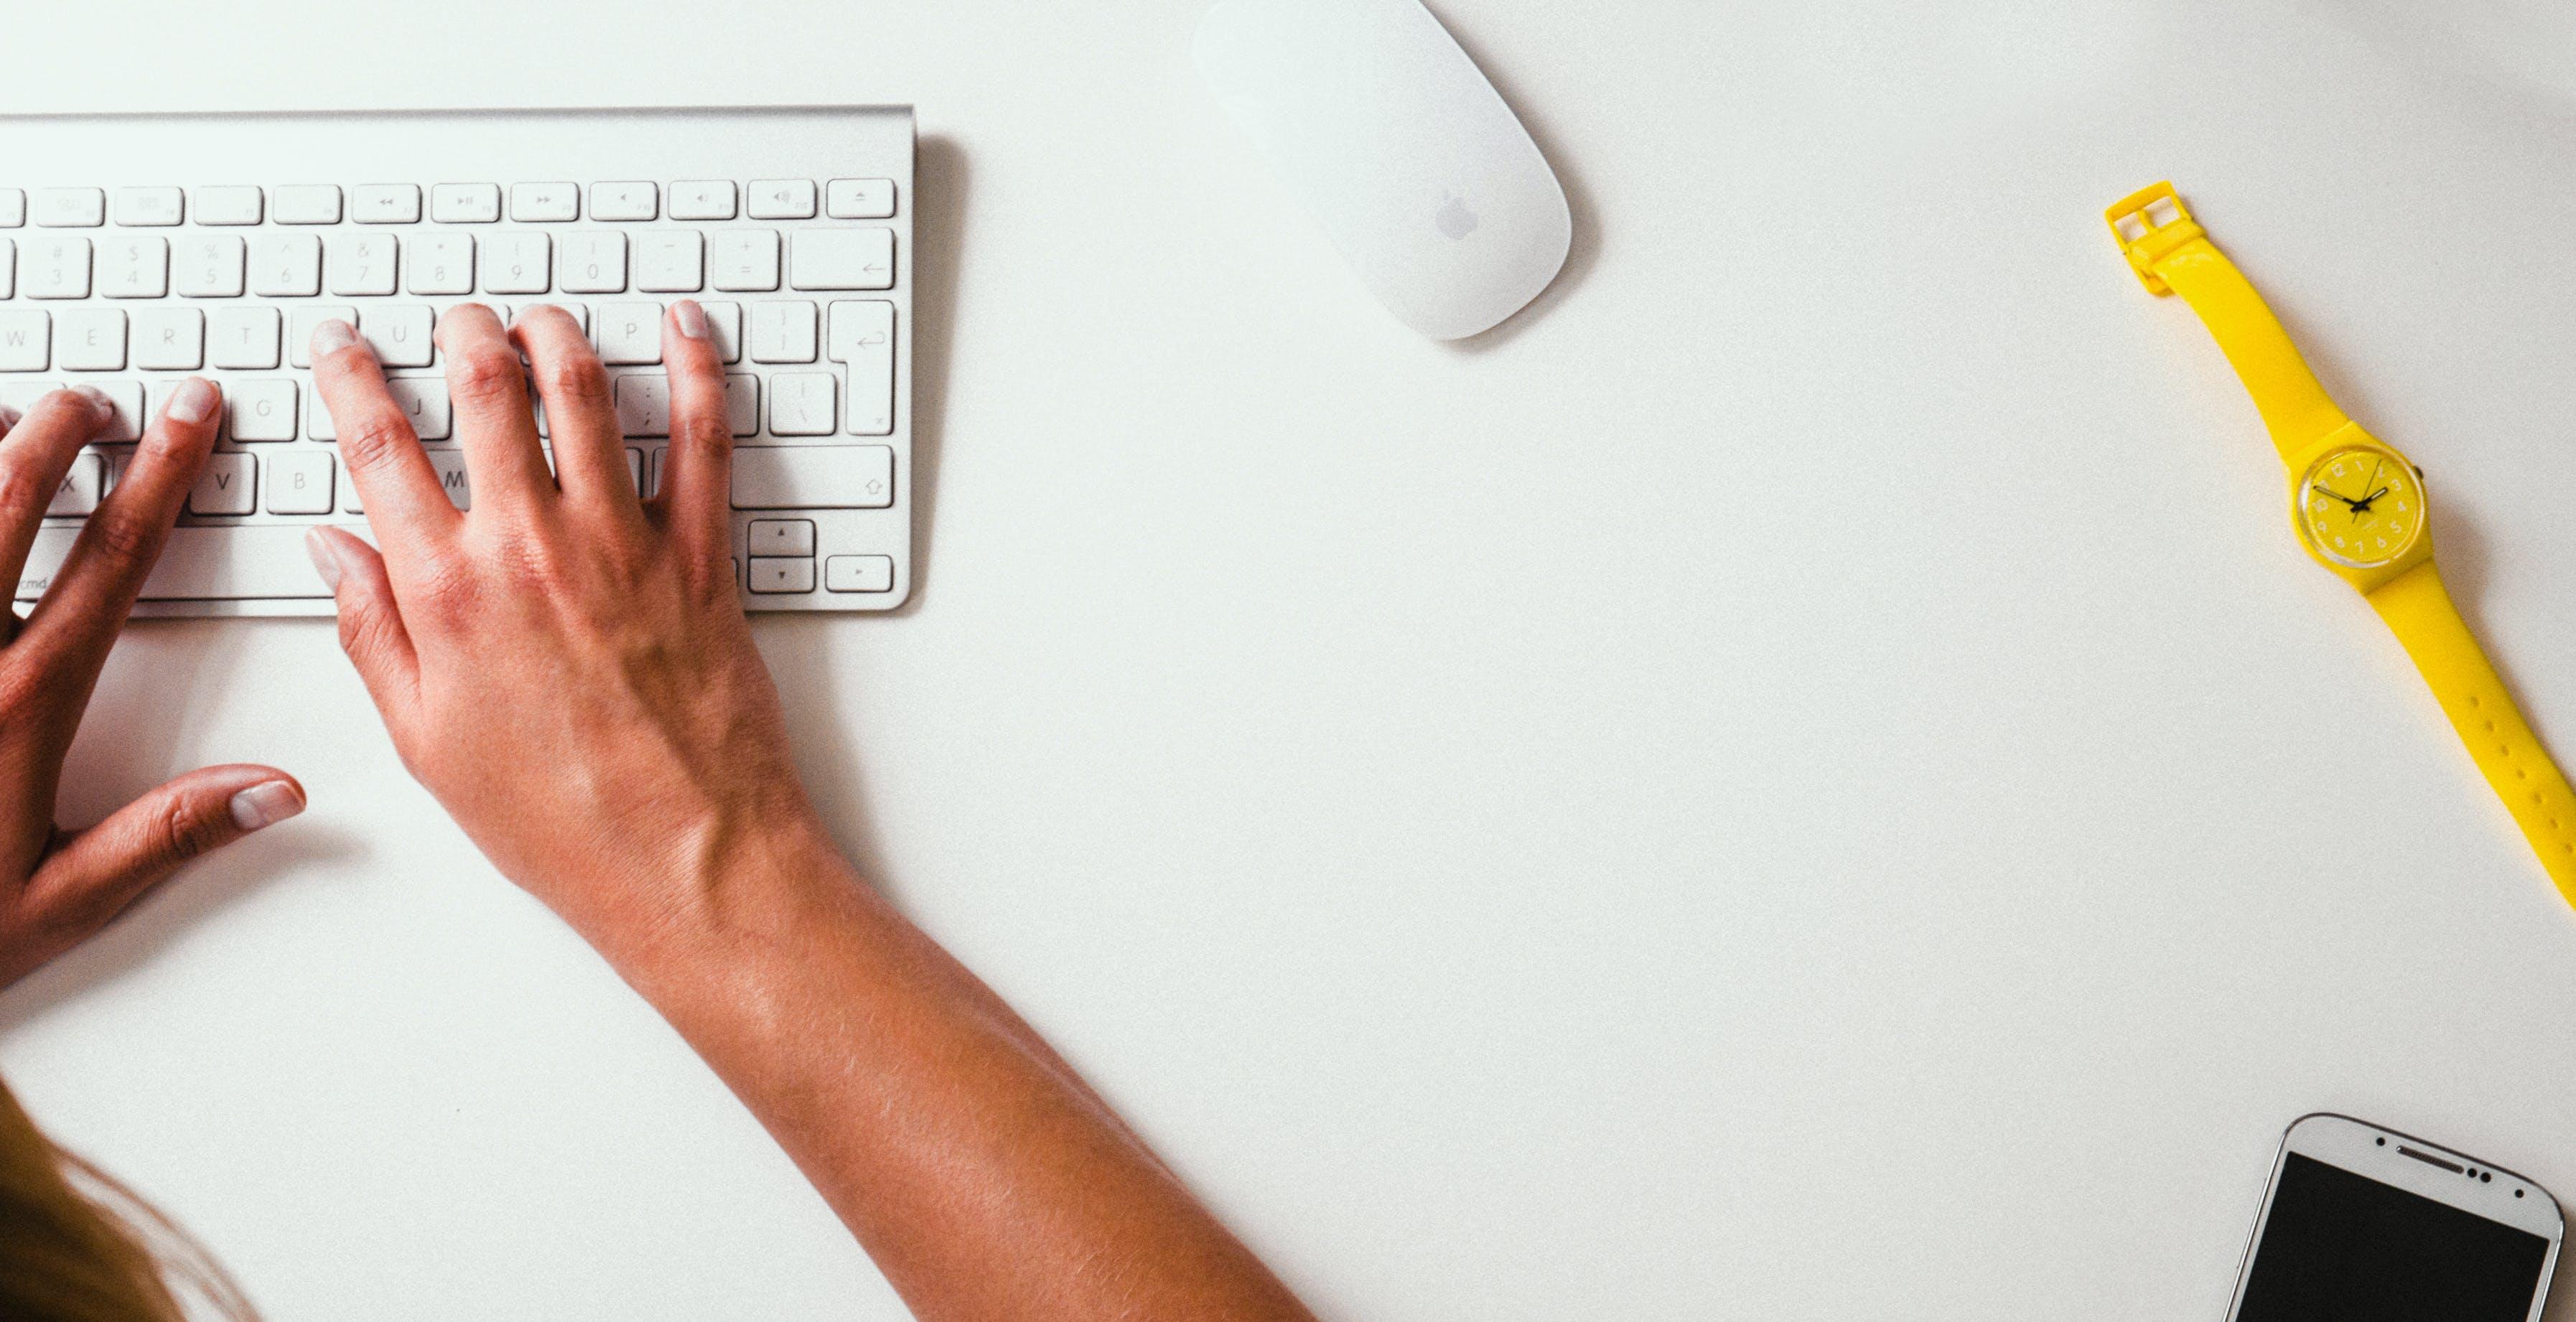 Fotos de stock gratuitas de escribiendo, escribir, escribir a máquina, escritorio